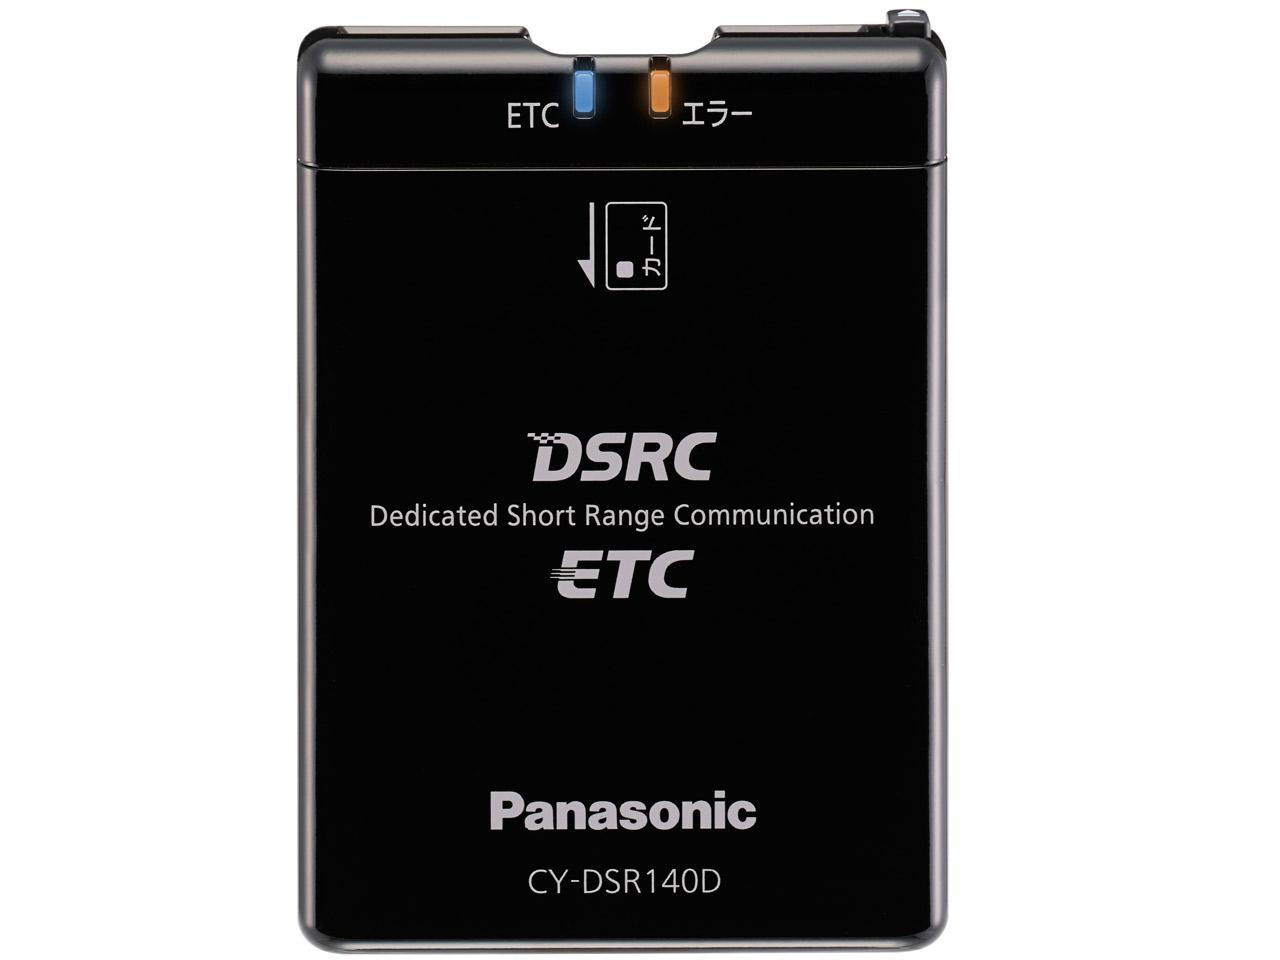 『本体1』 CY-DSR140D の製品画像